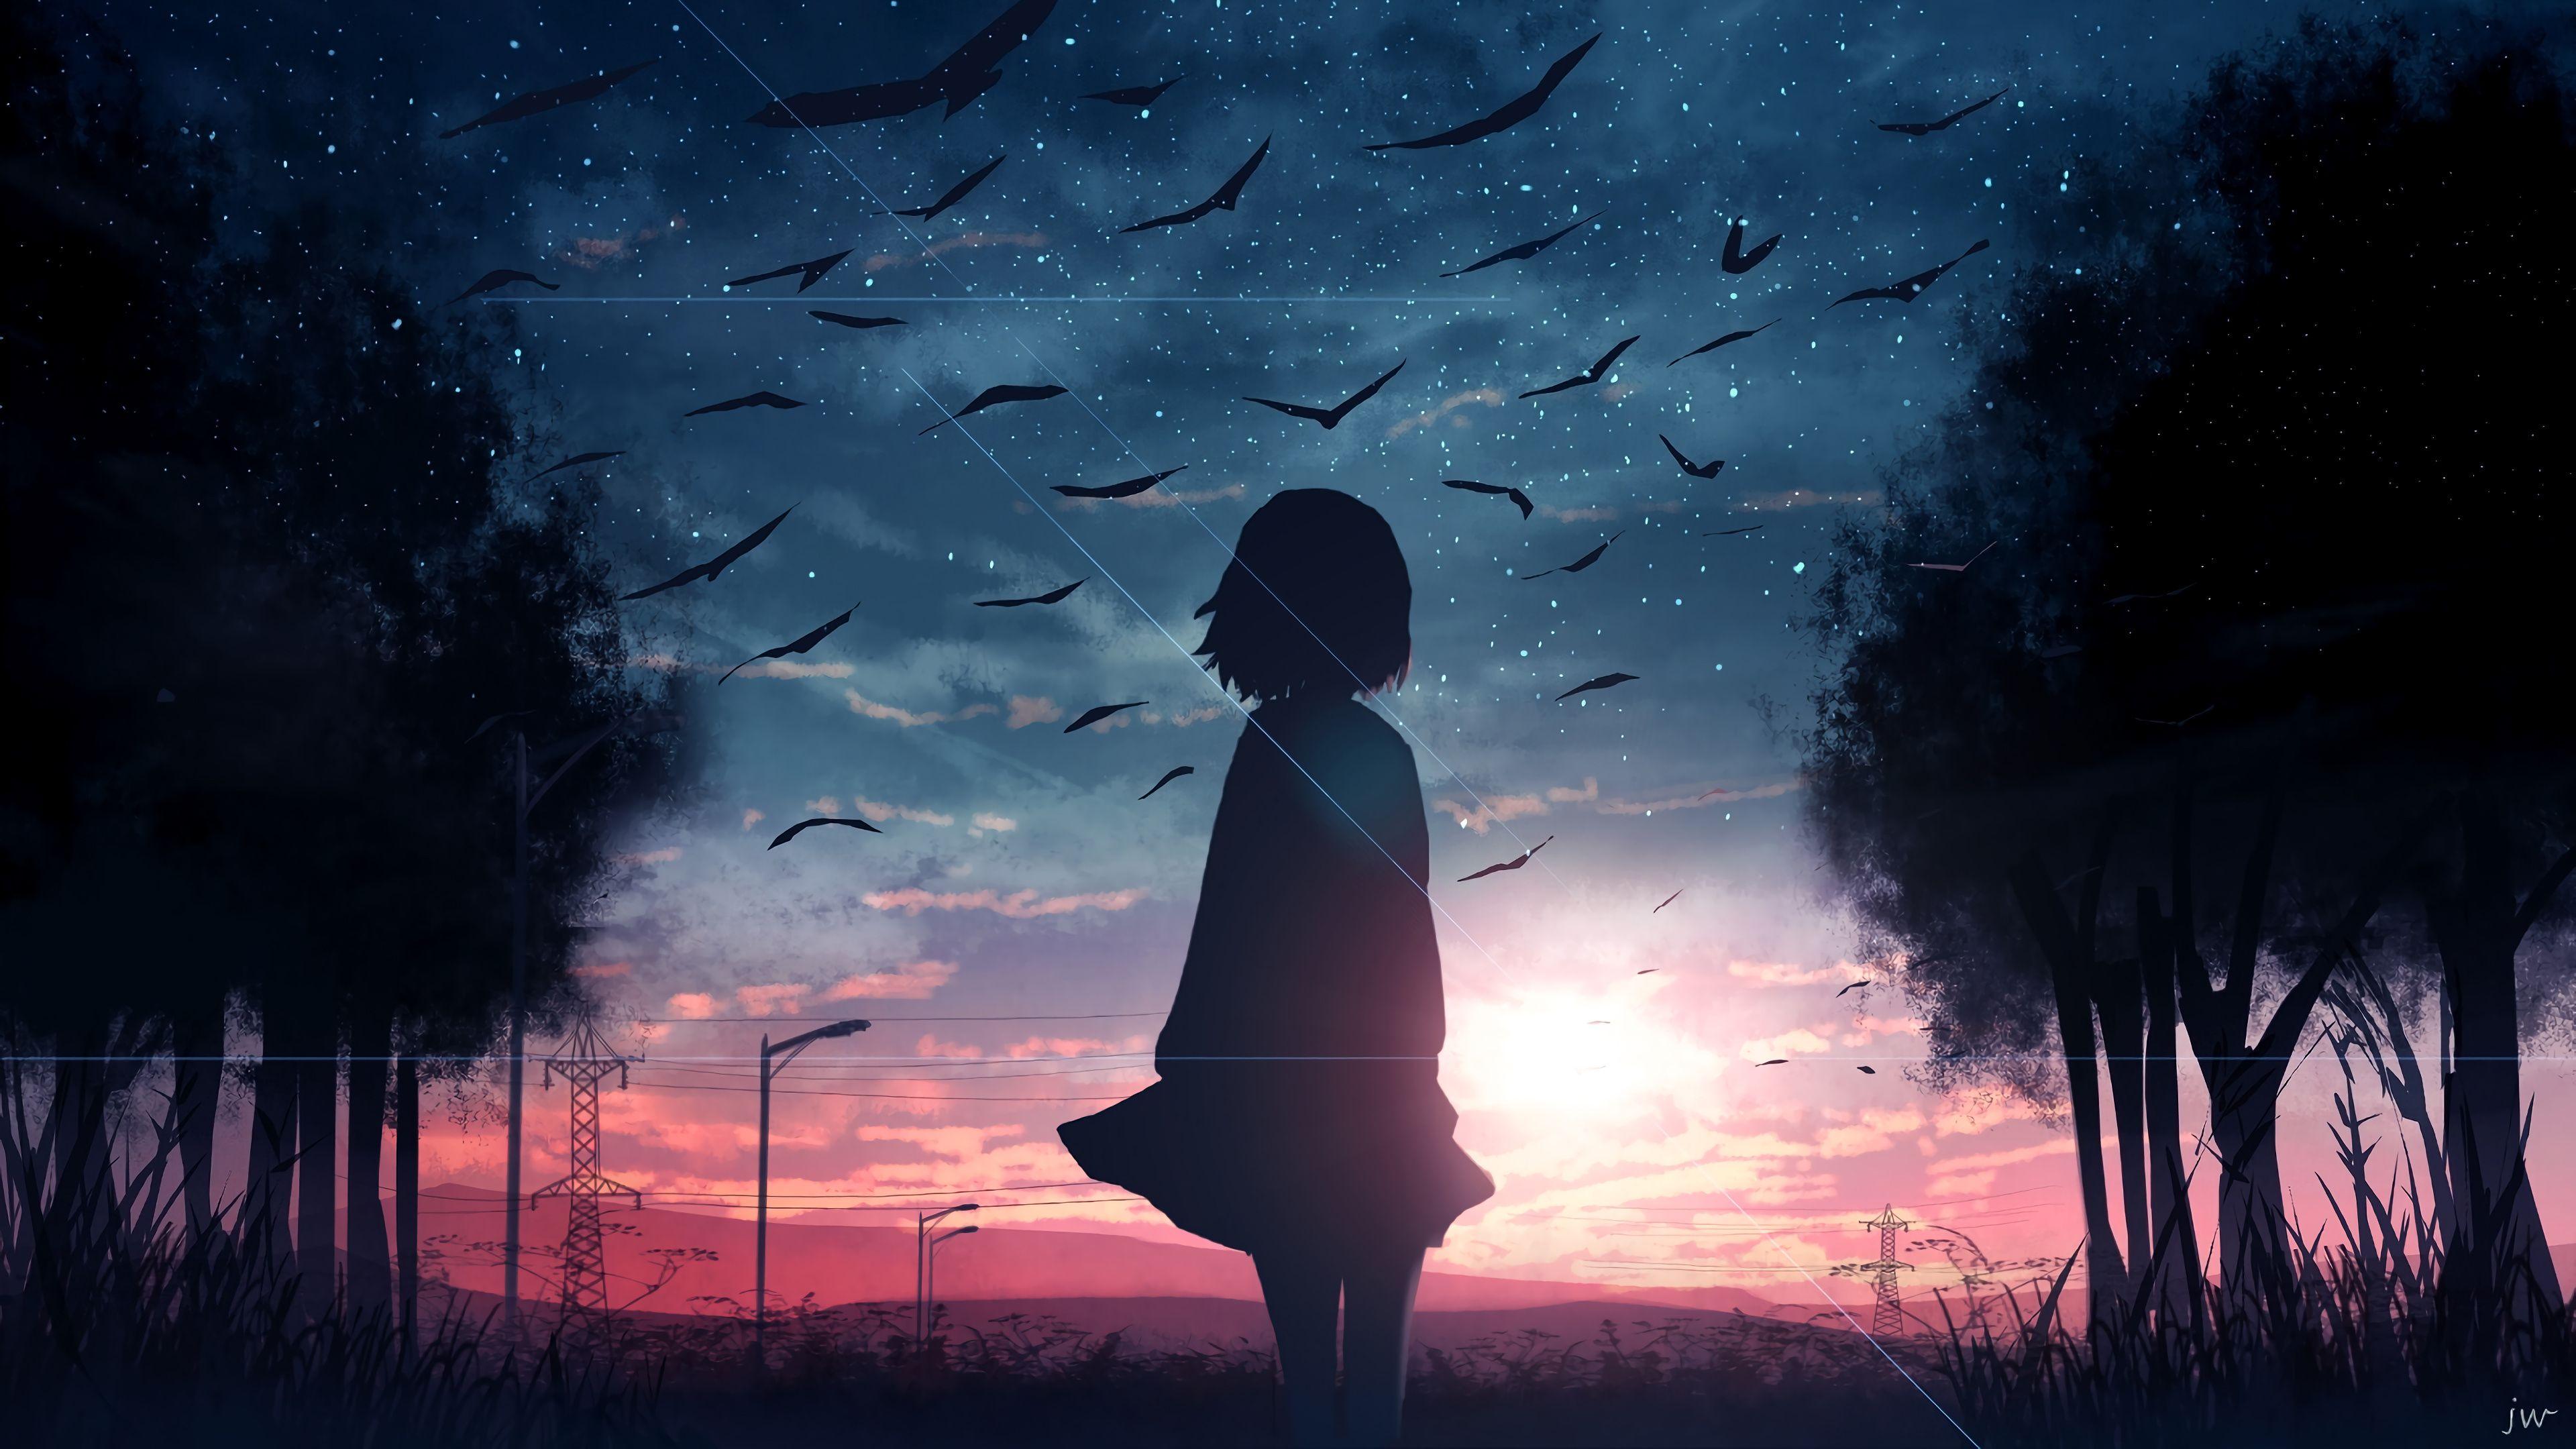 4k Wallpaper Anime Landscape HD Art Wallpaper in 2020